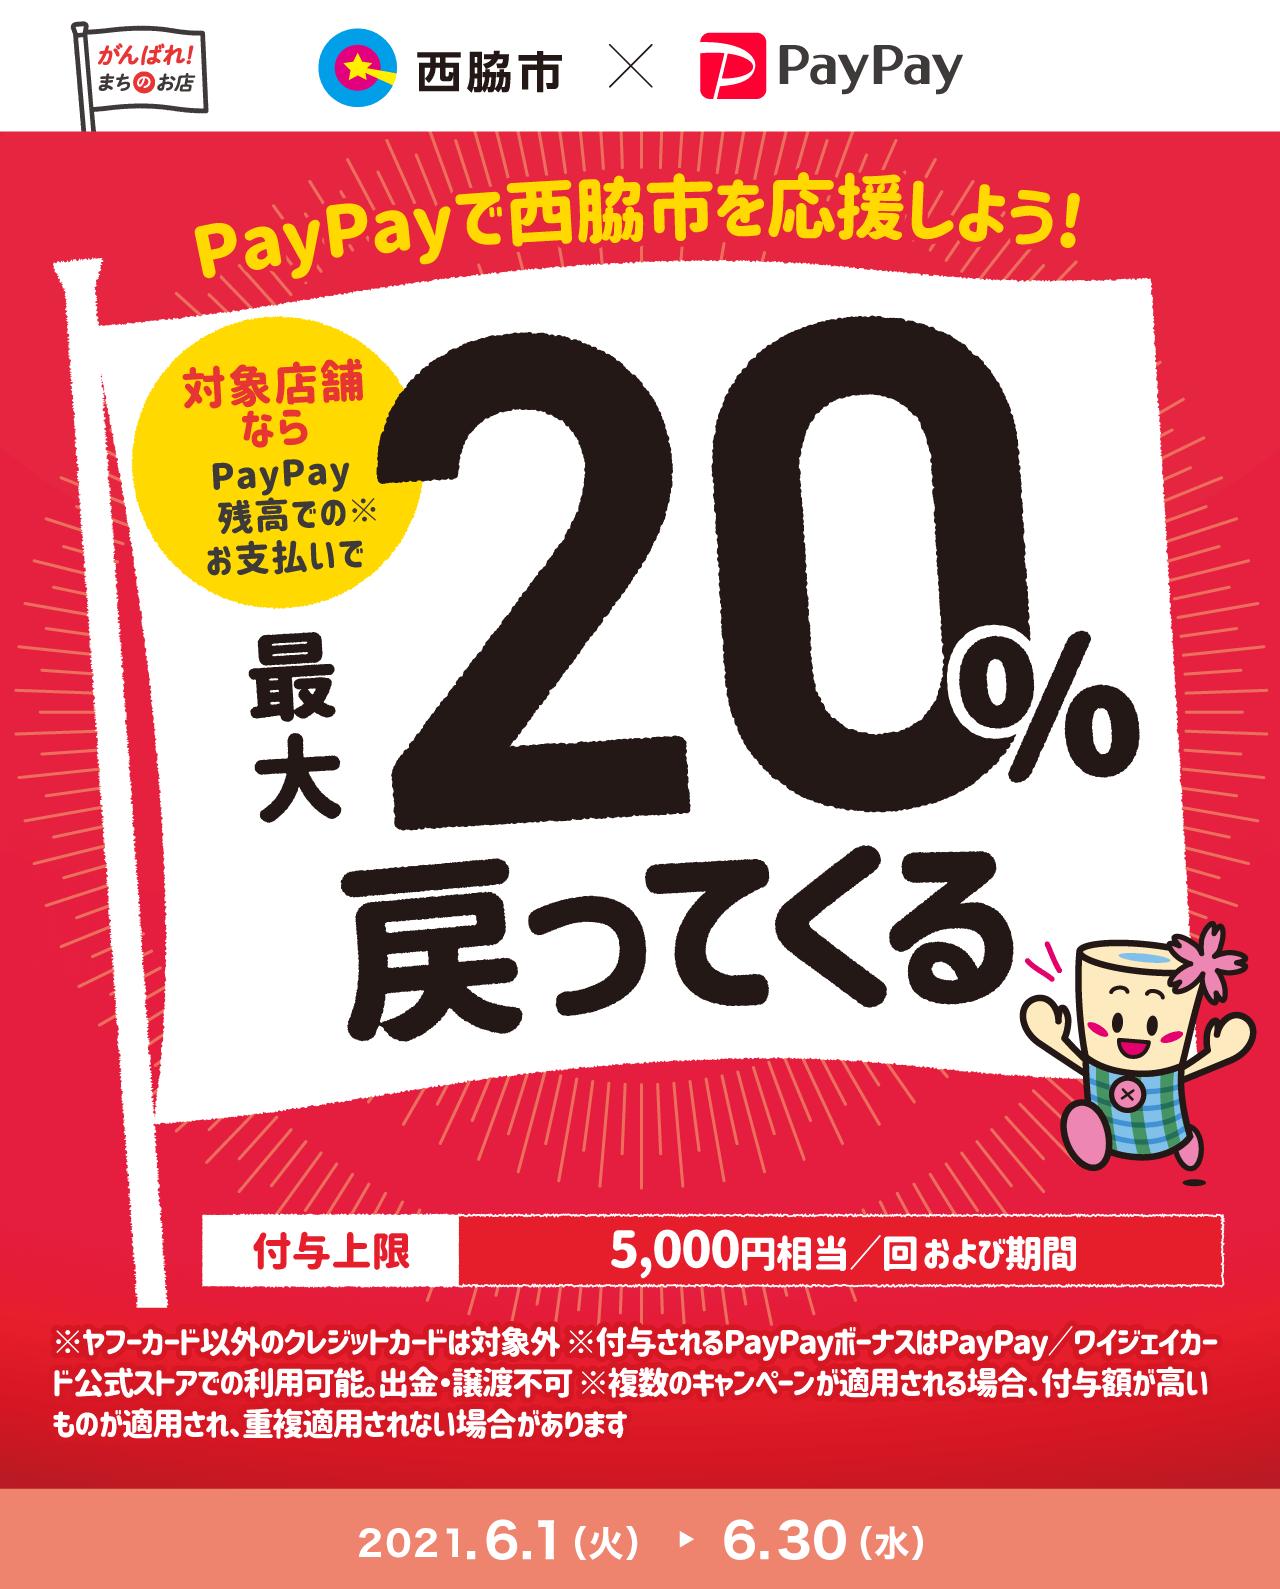 PayPayで西脇市を応援しよう! 対象店舗ならPayPay残高でのお支払いで最大20%戻ってくる